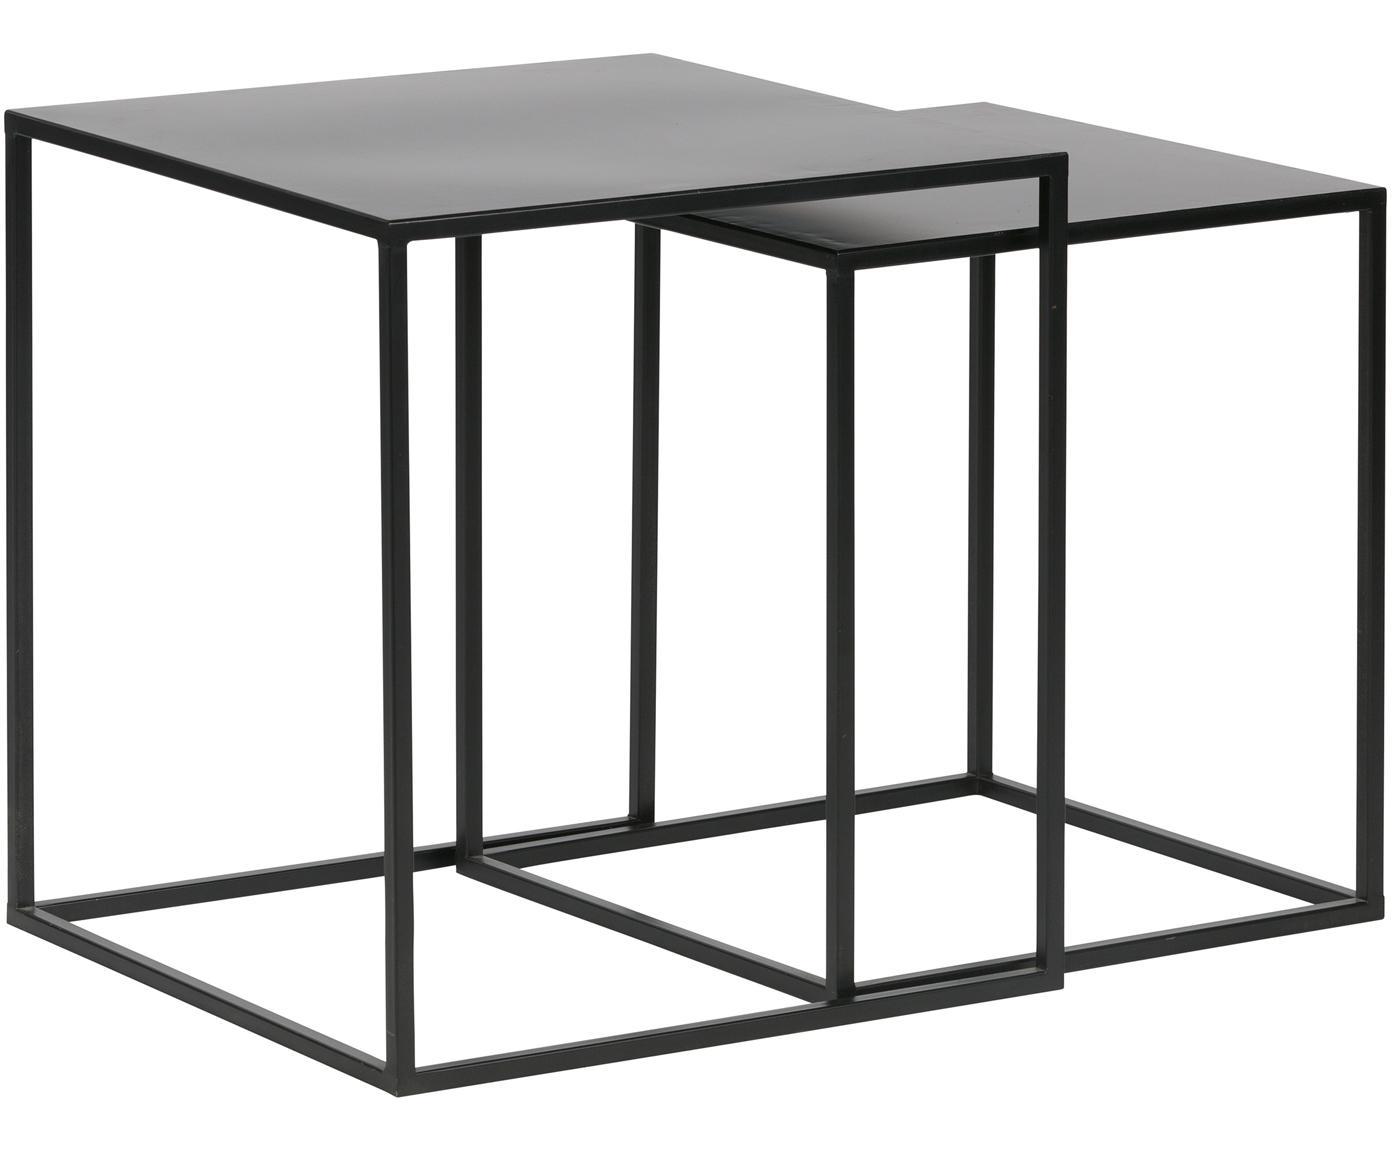 Set 2 tavolini in metallo Ziva, Metallo verniciato, Nero opaco, Diverse dimensioni